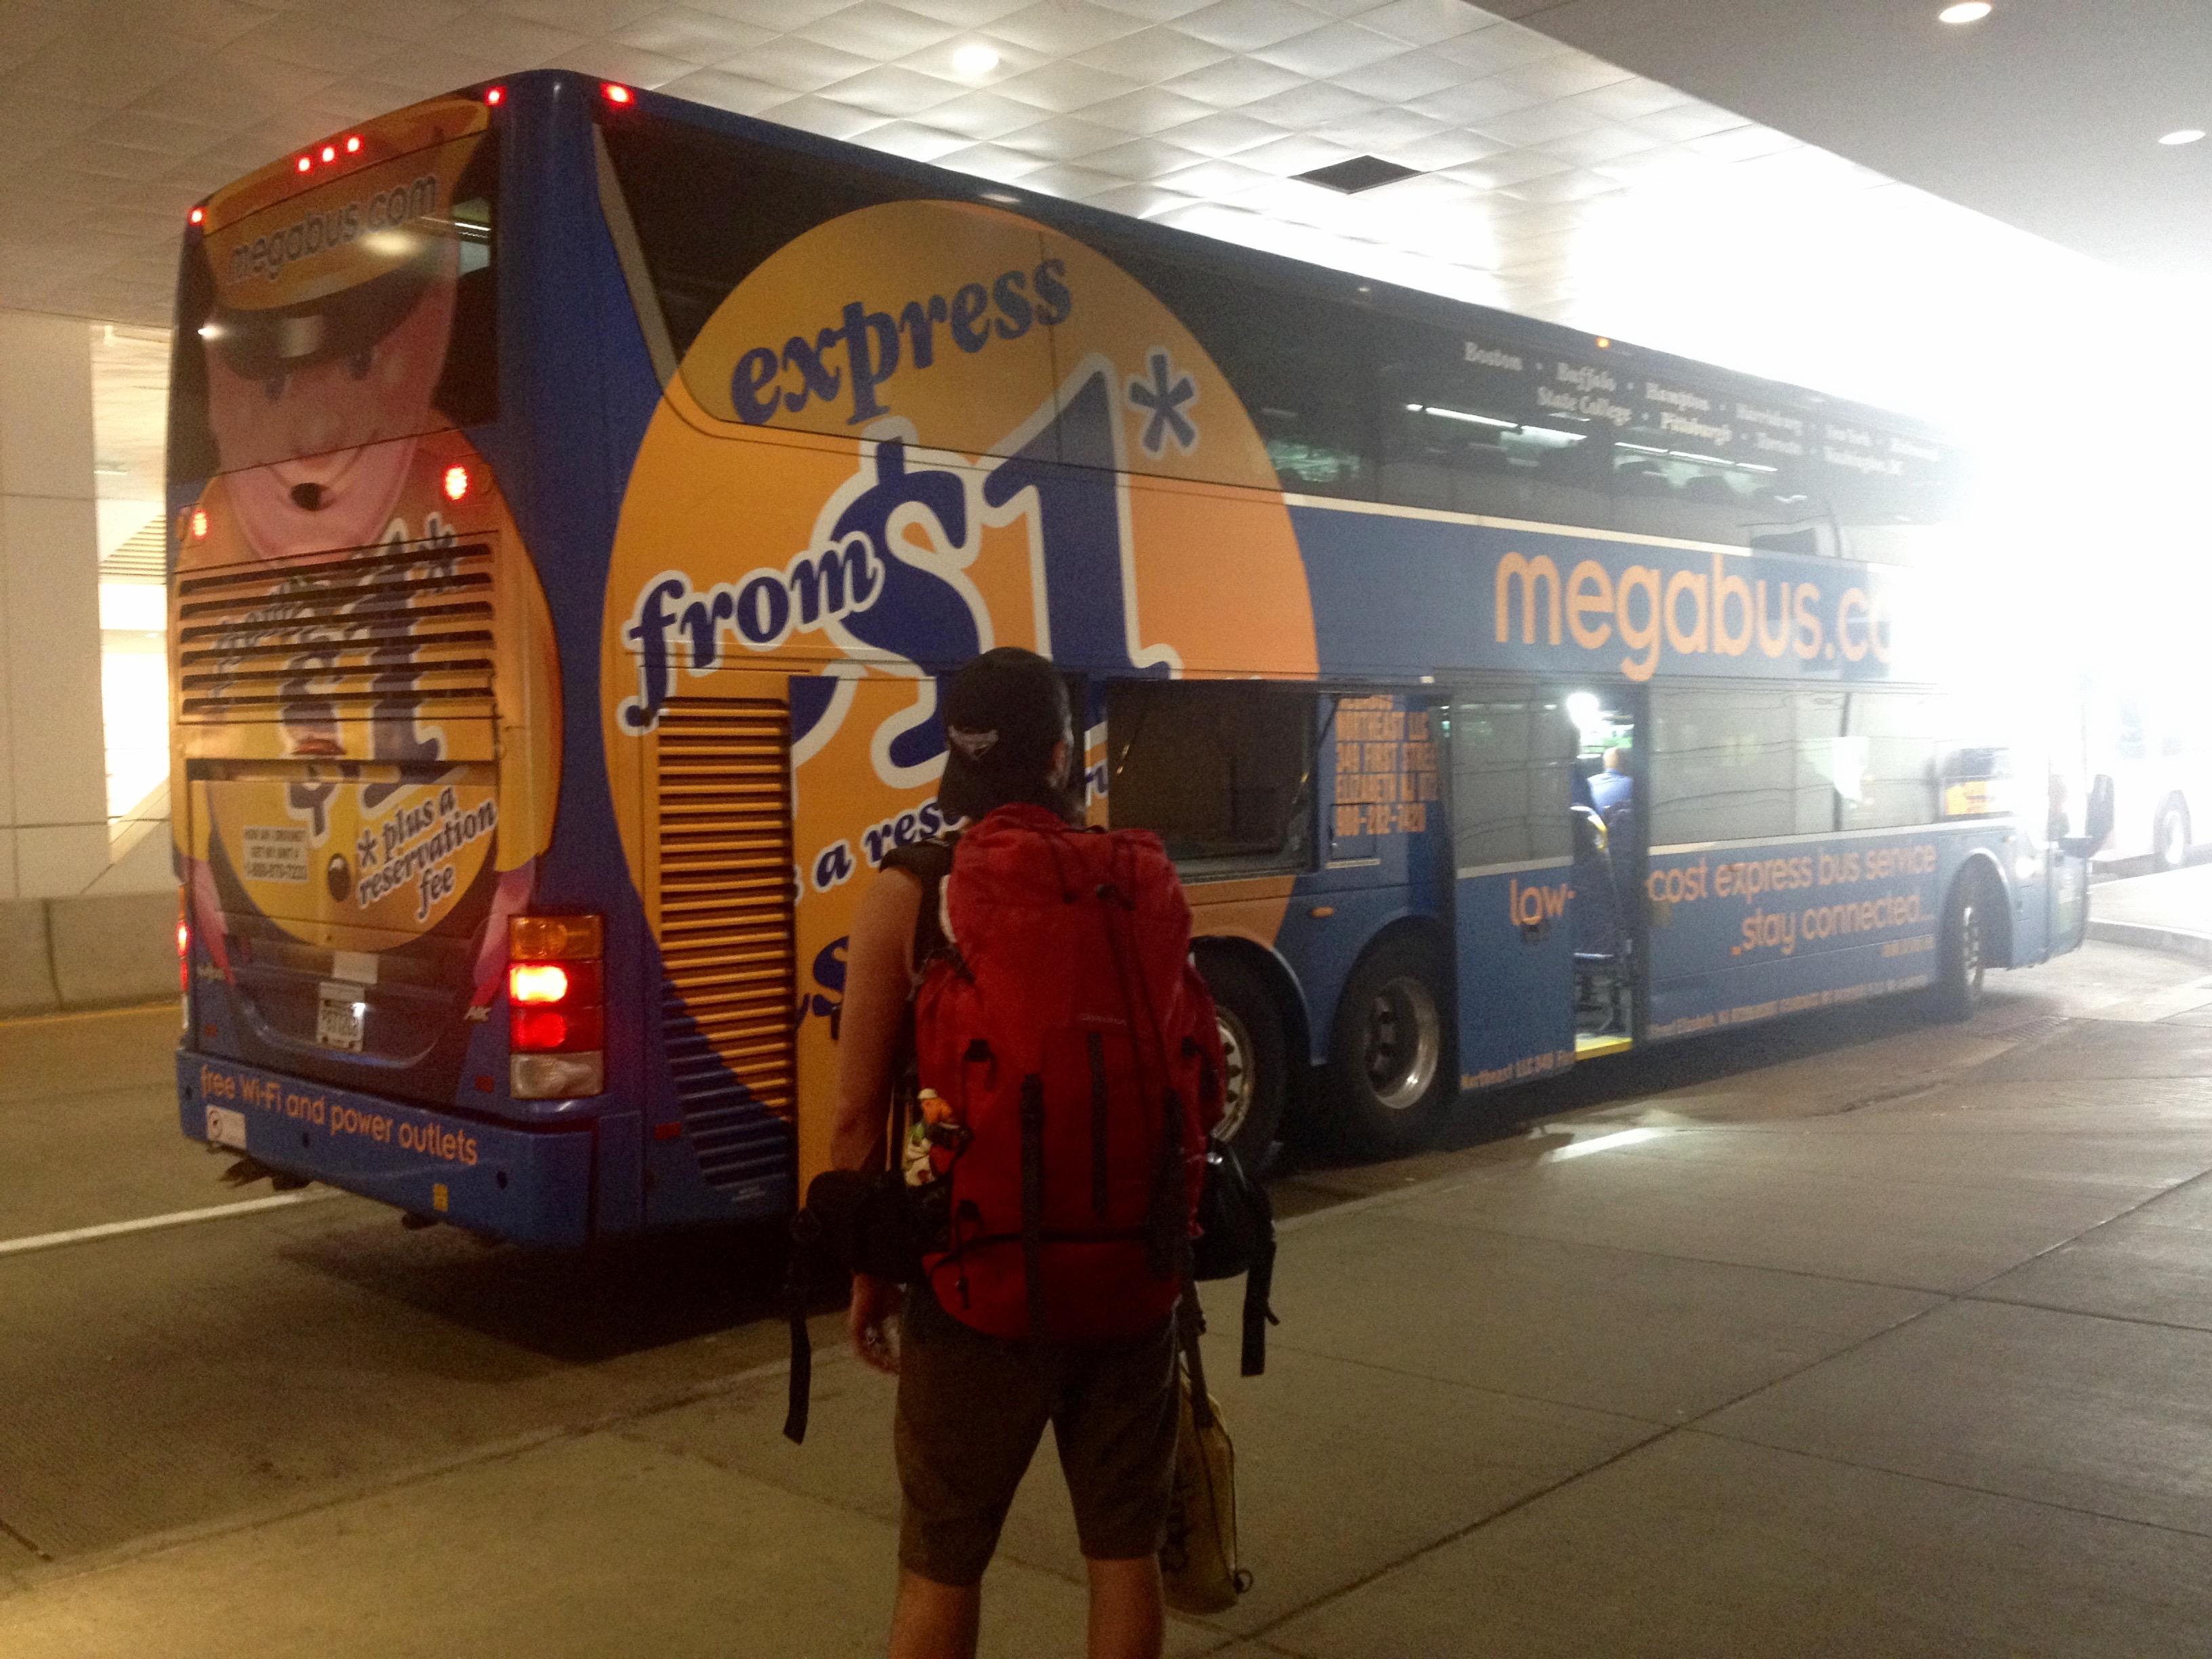 Prêts à monter dans le Megabus !!